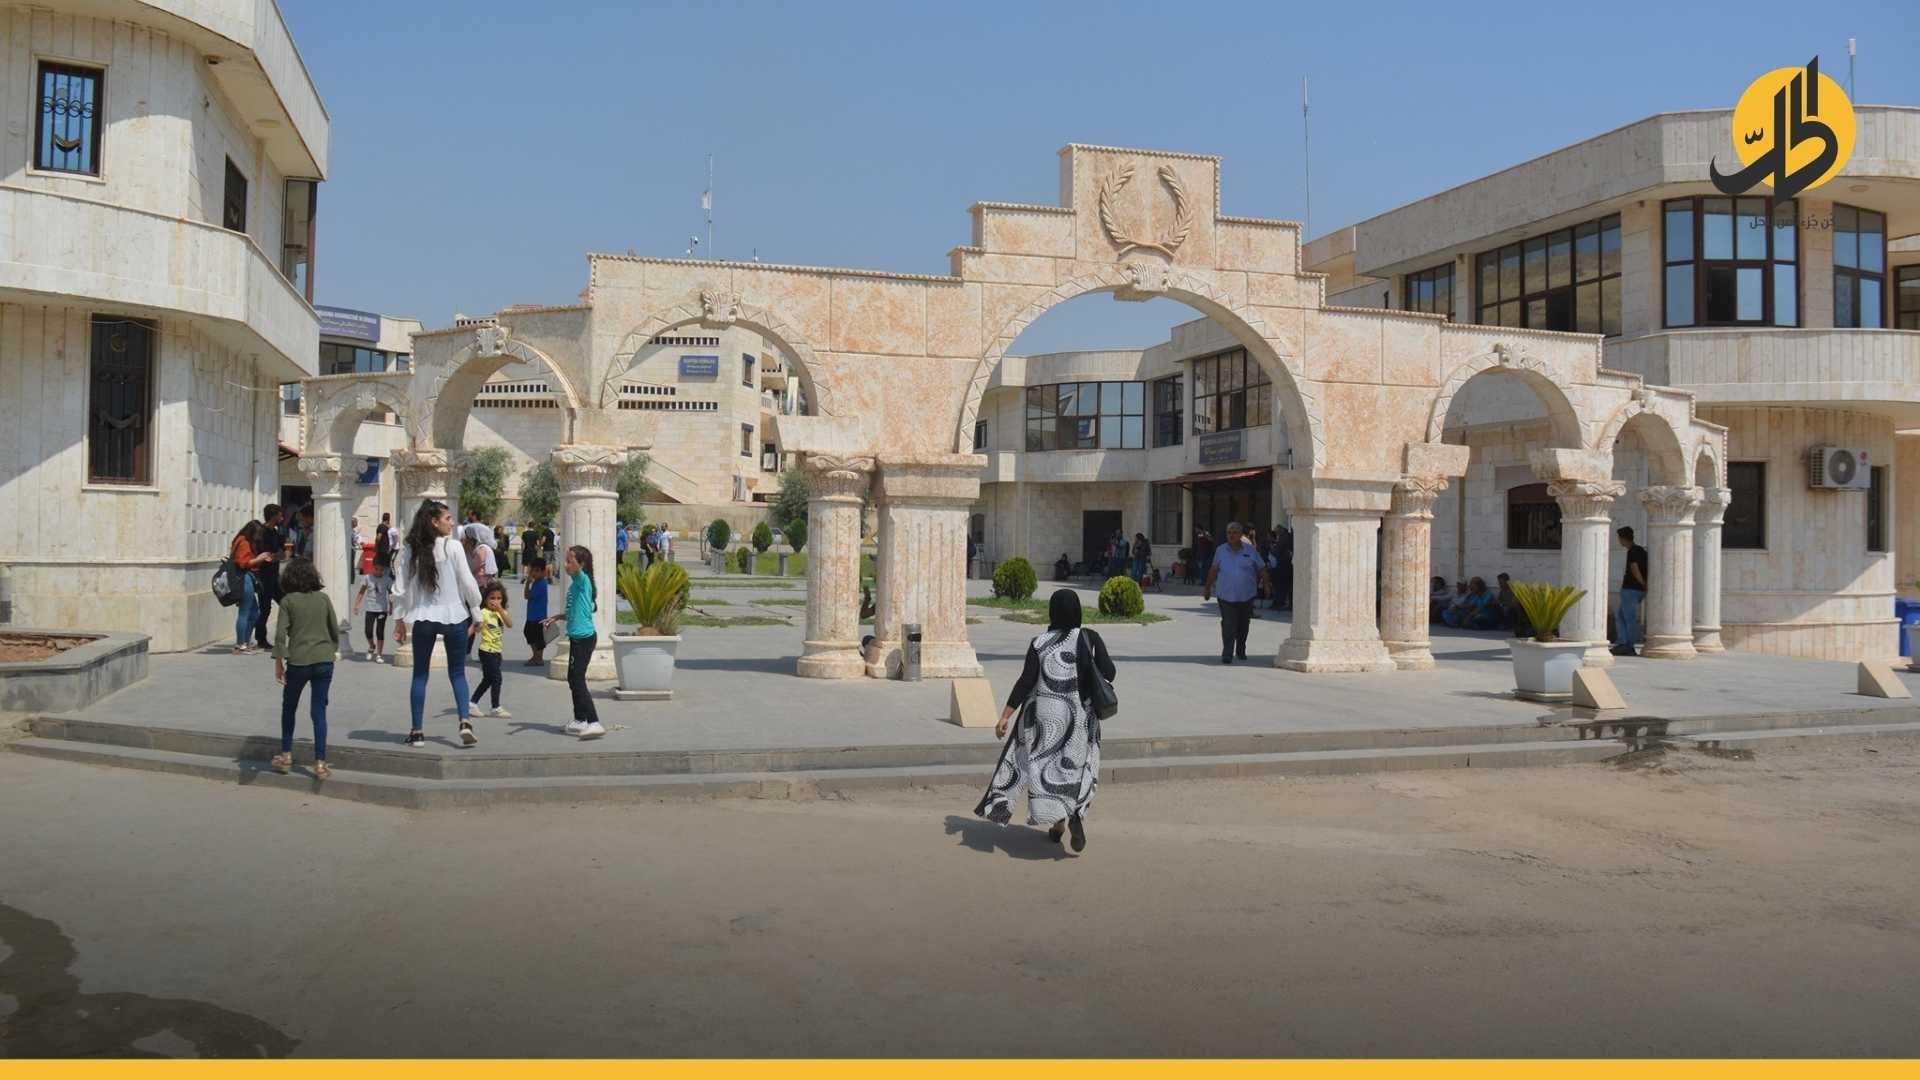 «الإدارة الذاتية» تطالب إقليم كردستان بالكشف عن مصير ممثلها.. وإجراءات جديدة على الحدود تزيد التوتر بين الجانبين